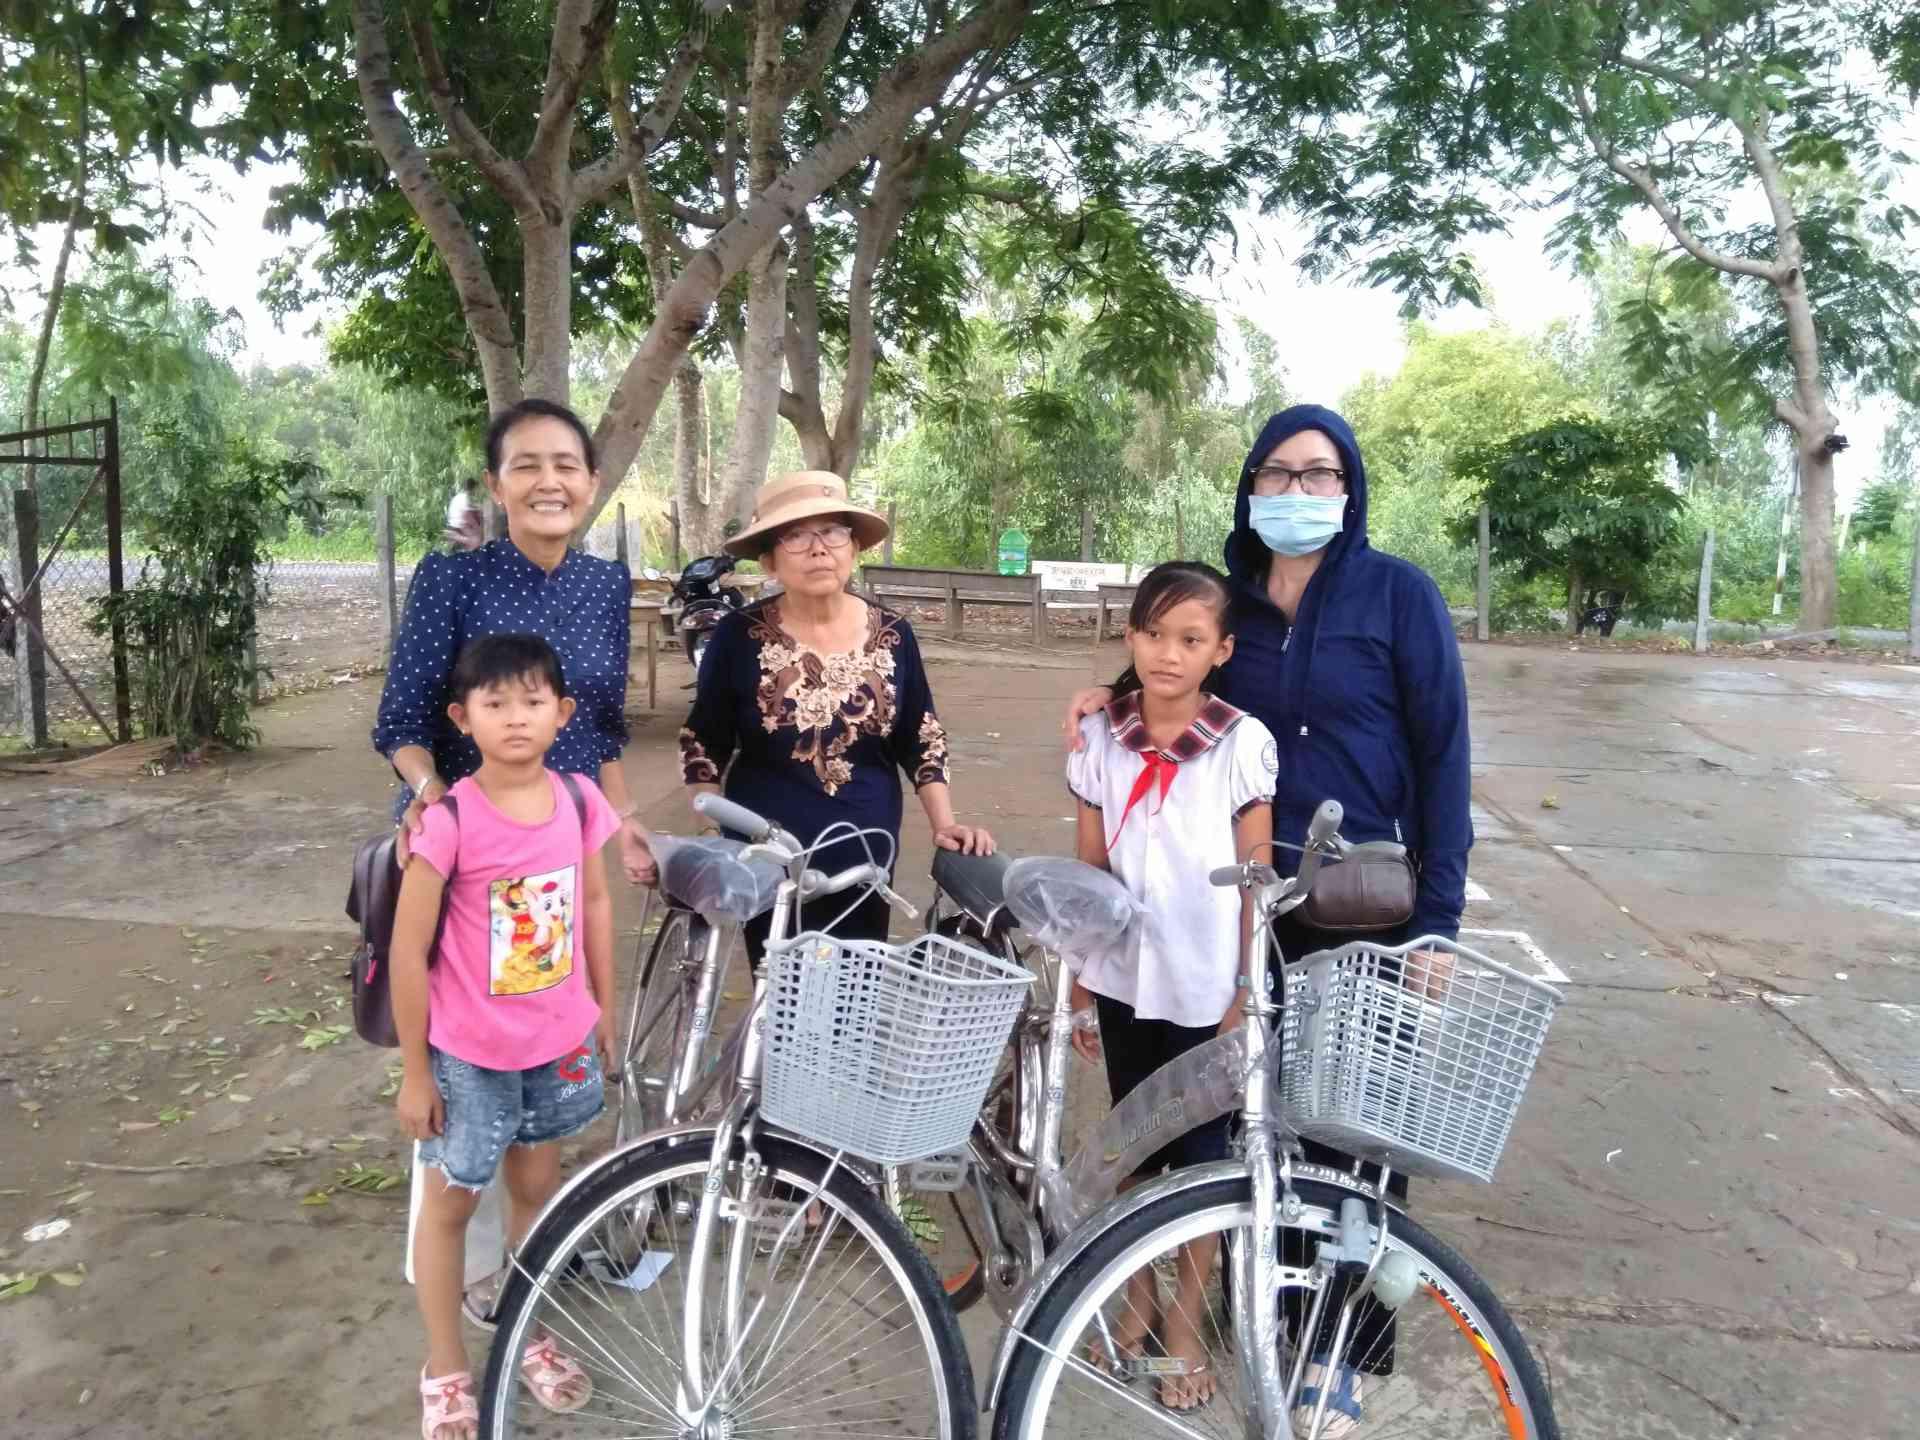 Các em rất vui khi nhận được các chiếc xe đạp.